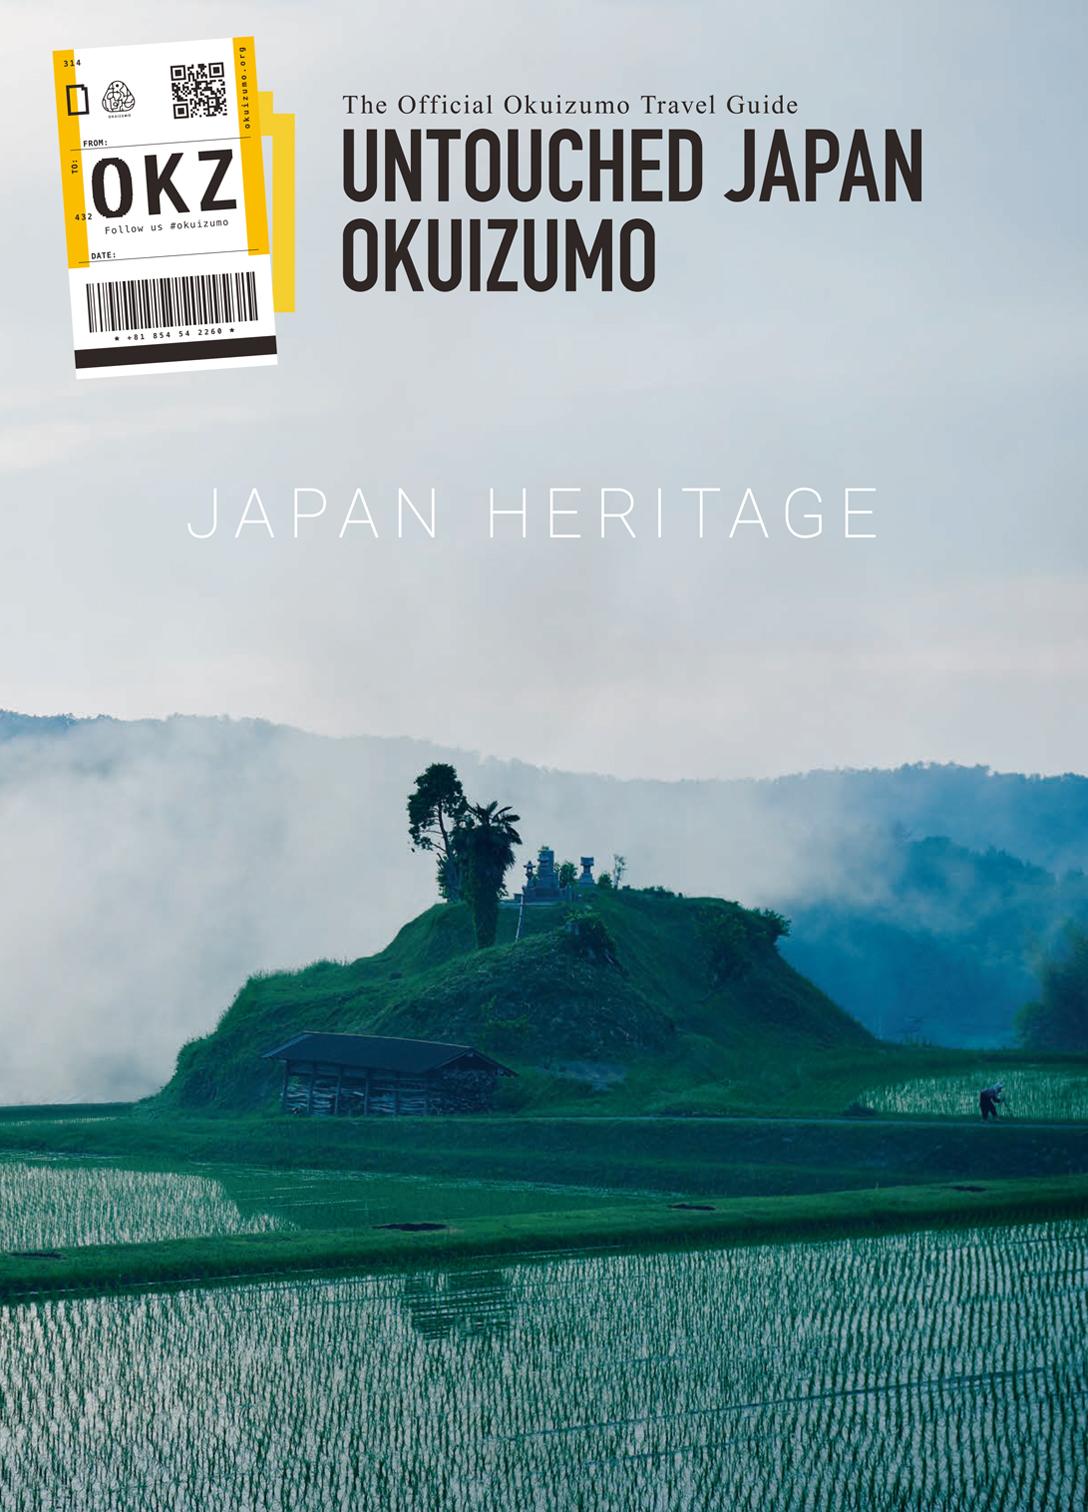 UNTOUCHED JAPAN OKUIZUMO